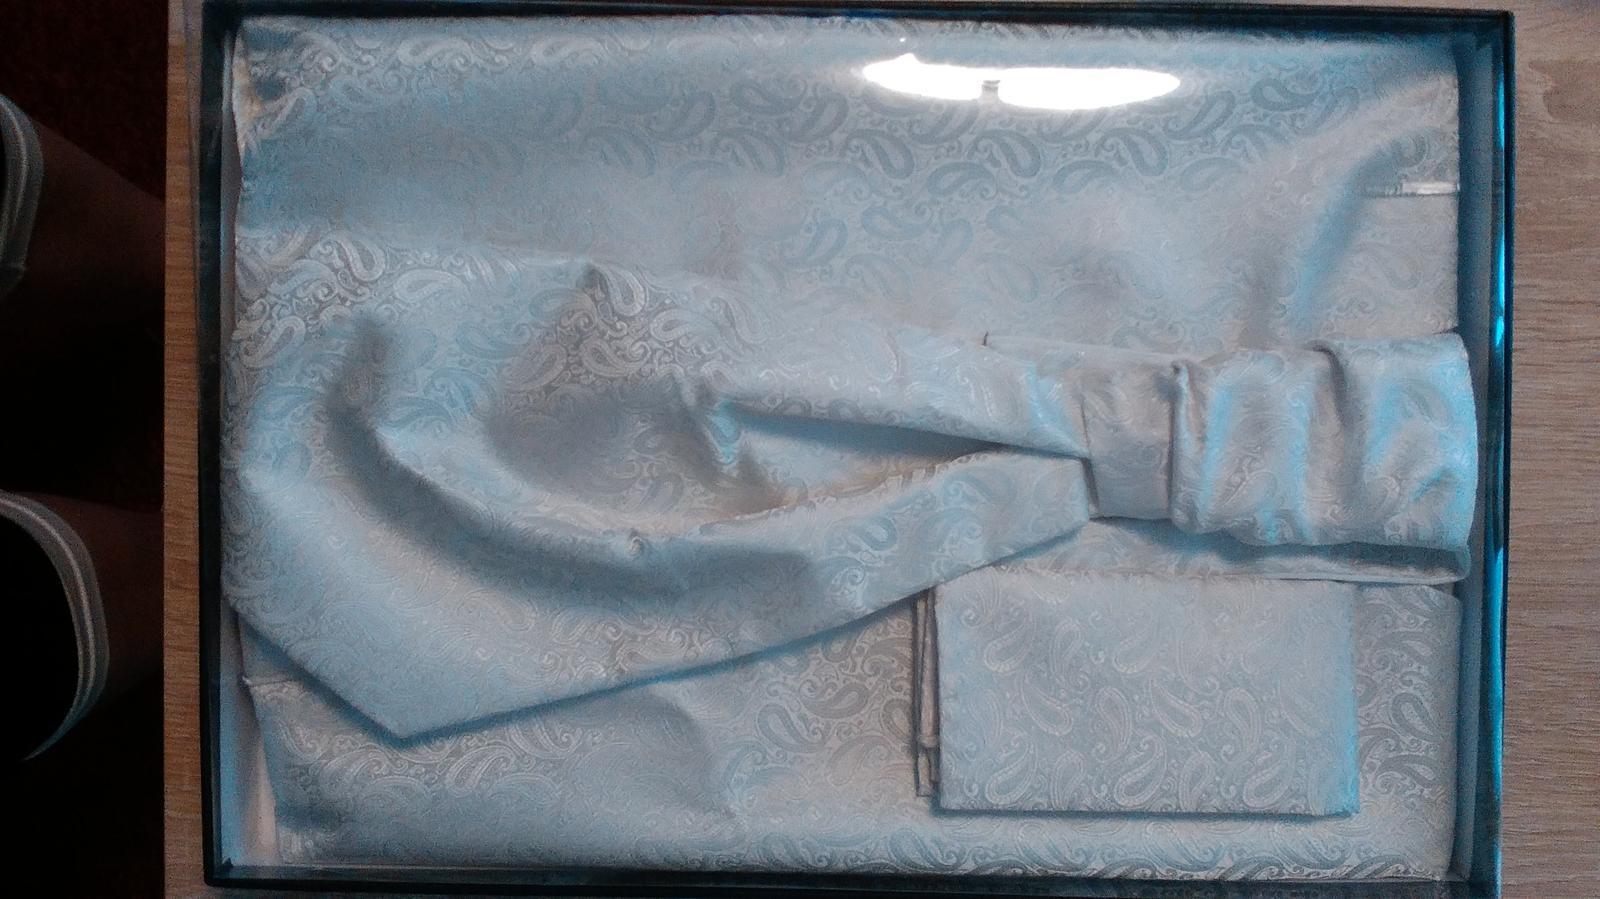 Svatební vesta, regata kravata, kapesníček - Obrázek č. 1